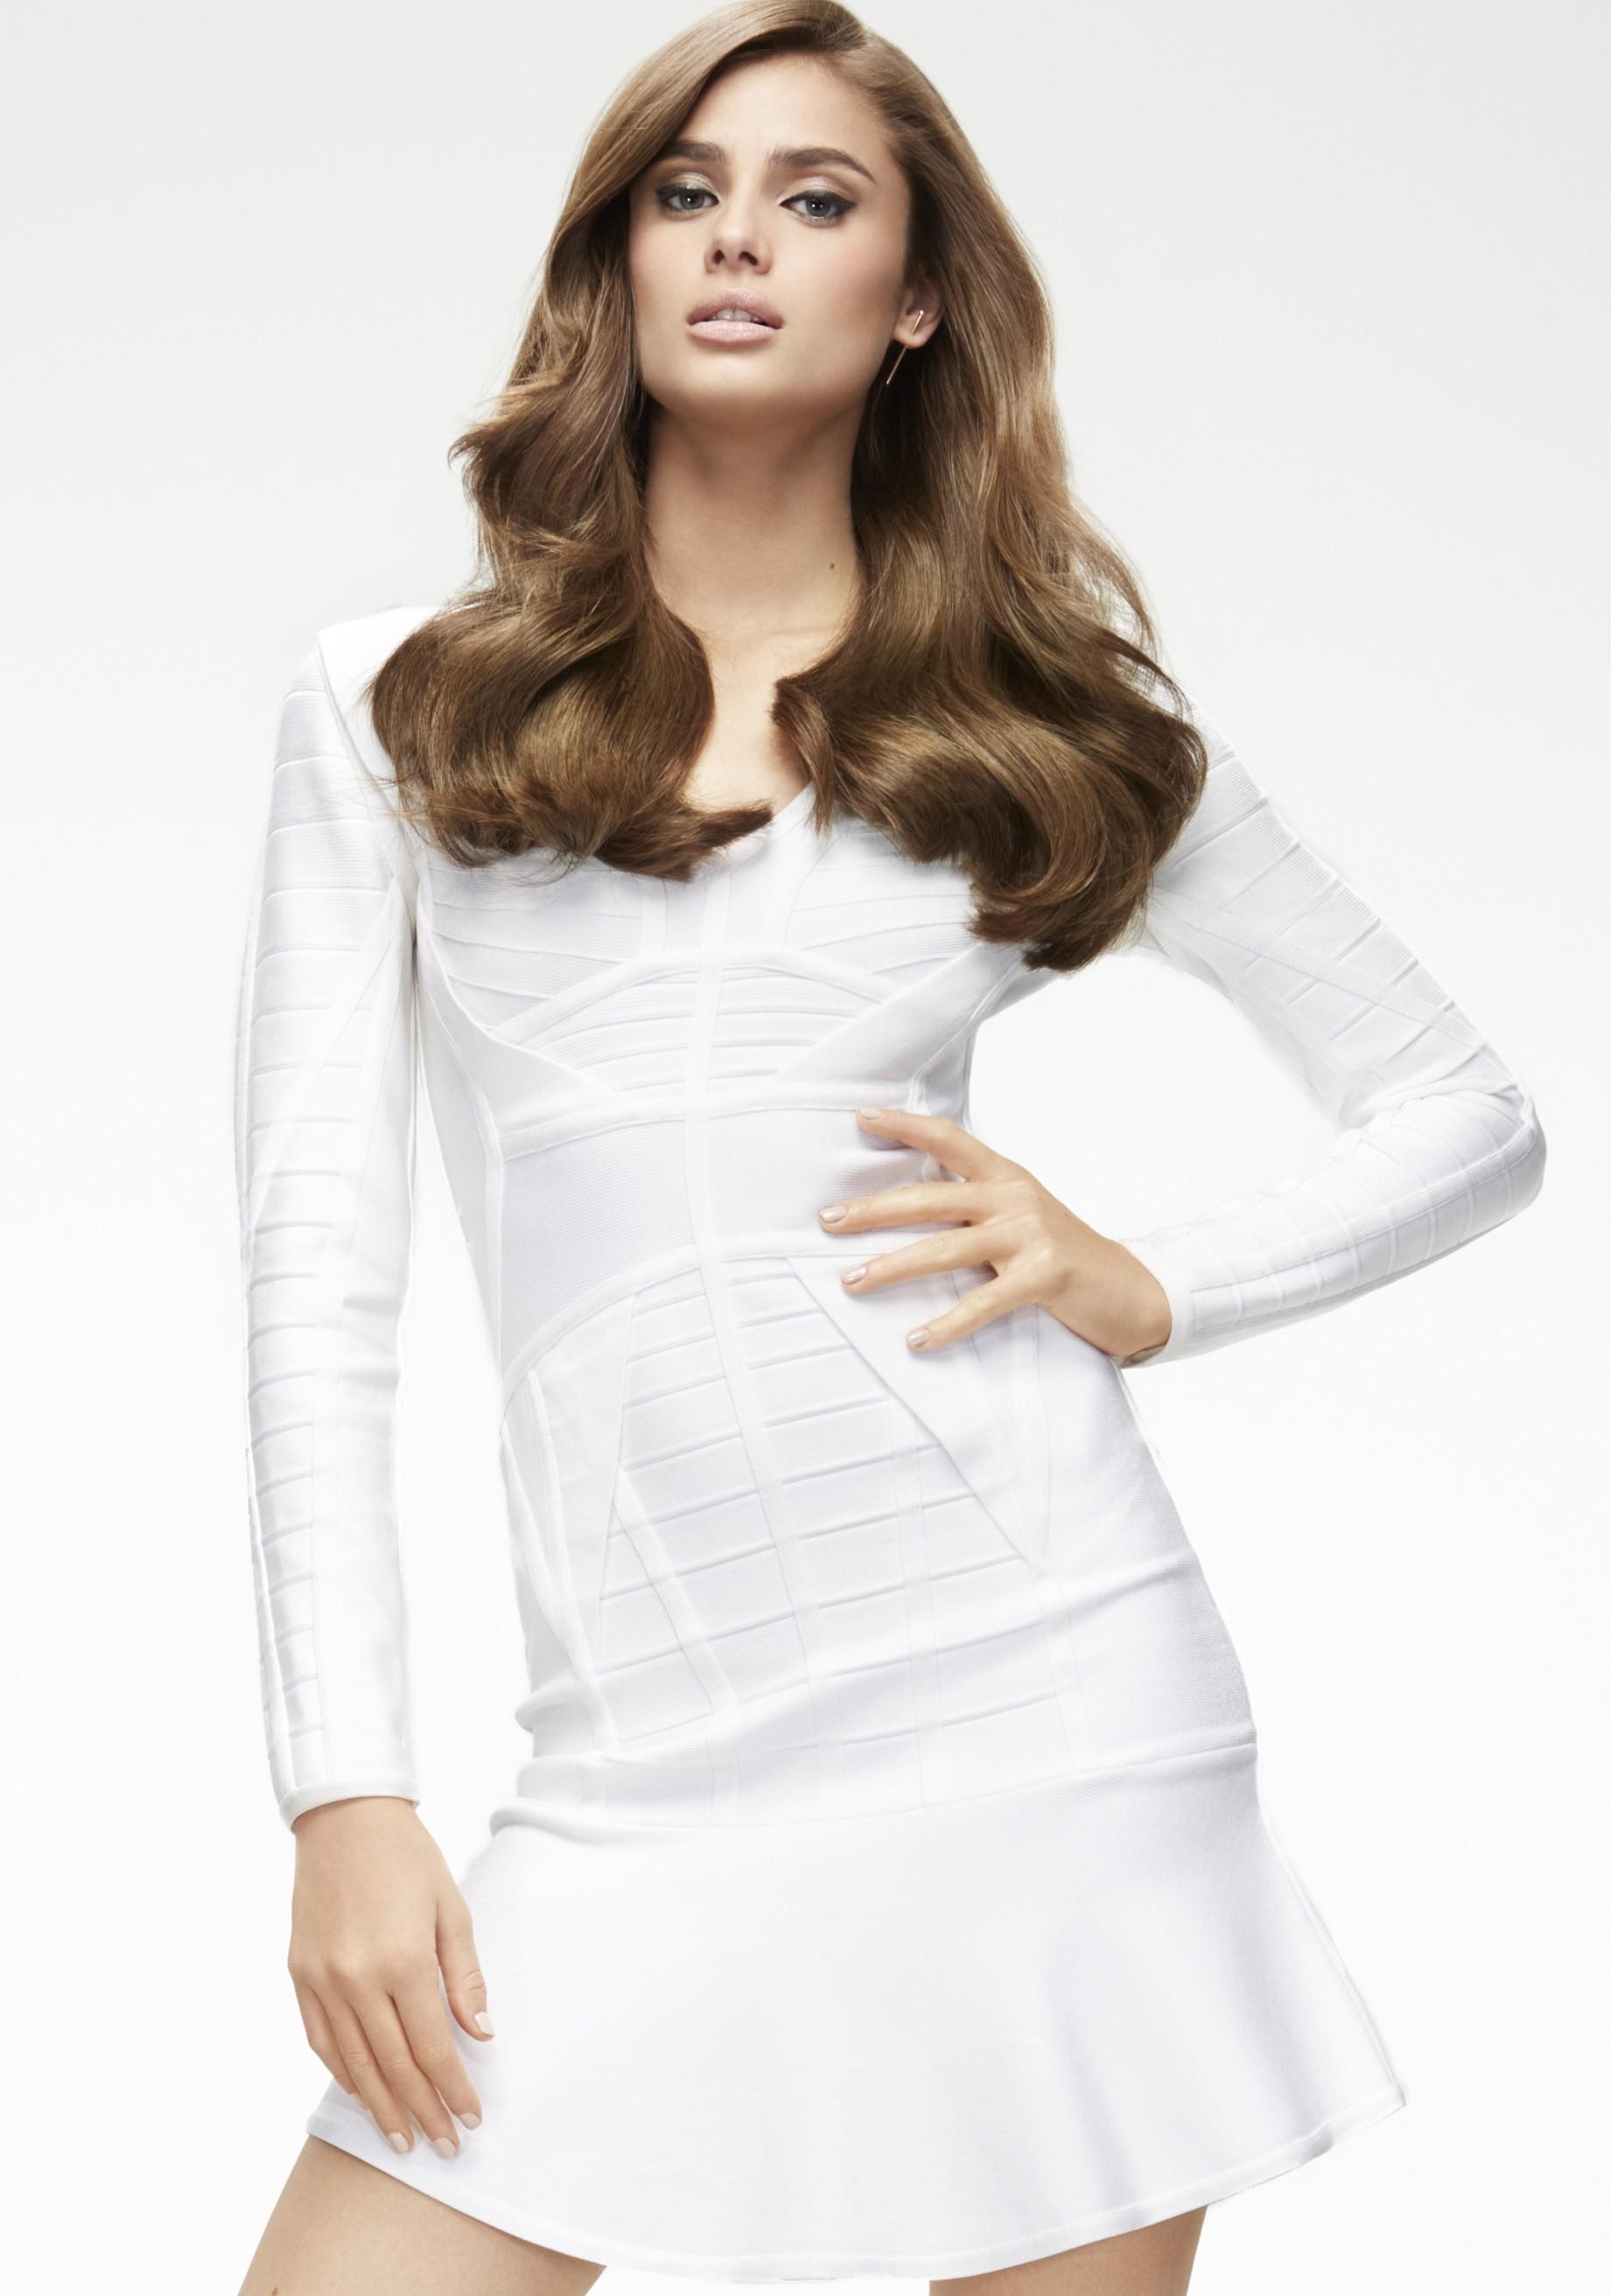 Taylor Hill para L'Oréal Professionnel